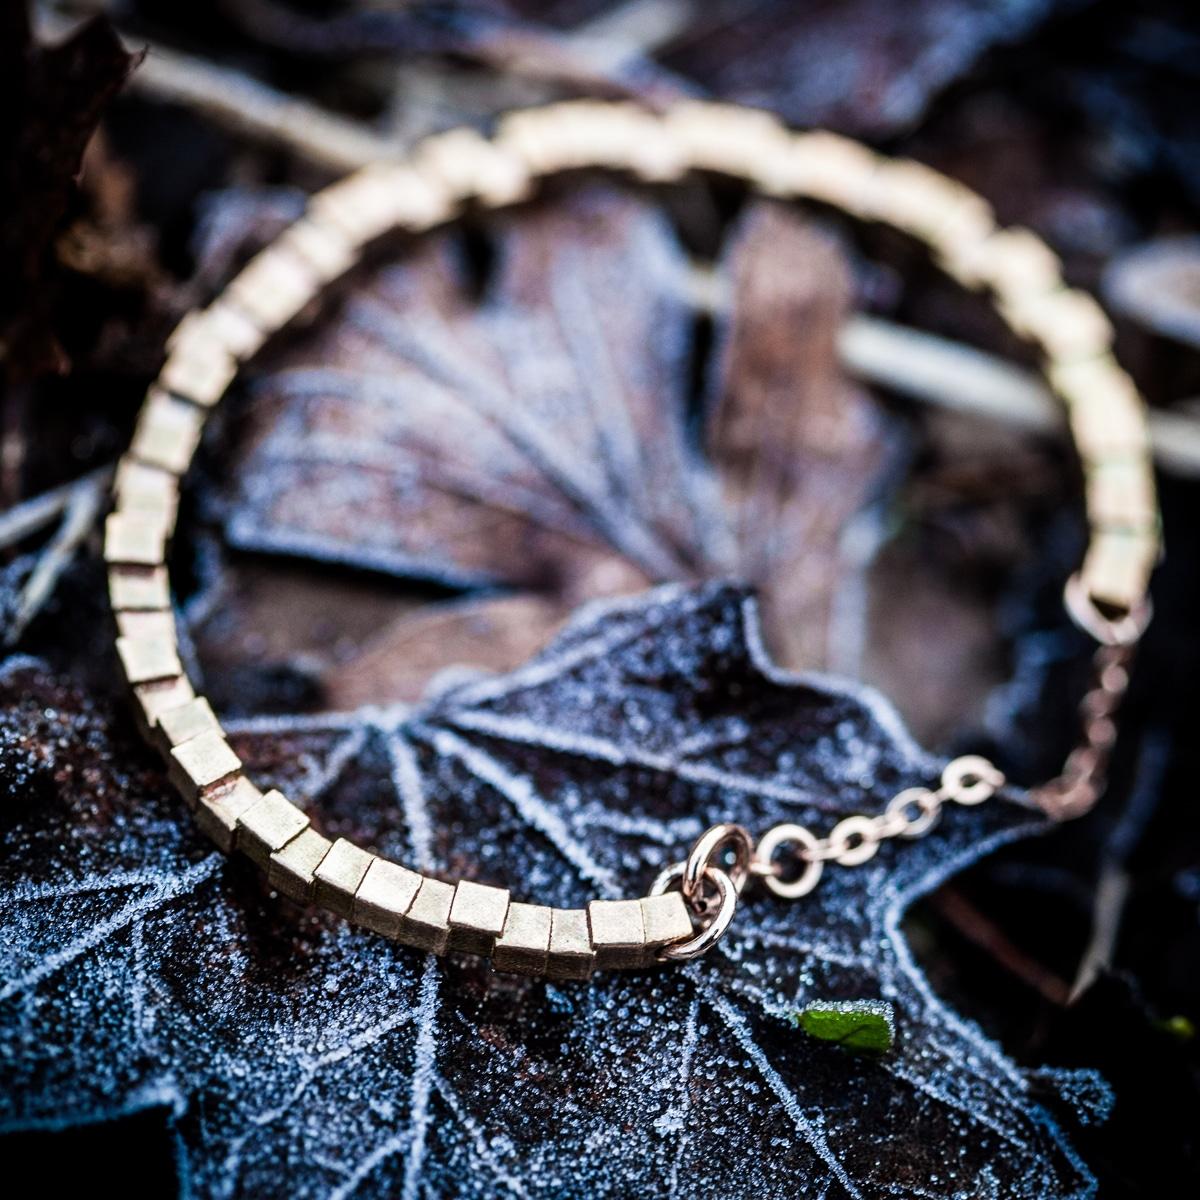 Cubii-bracelet-1.1-raw-bronze-2